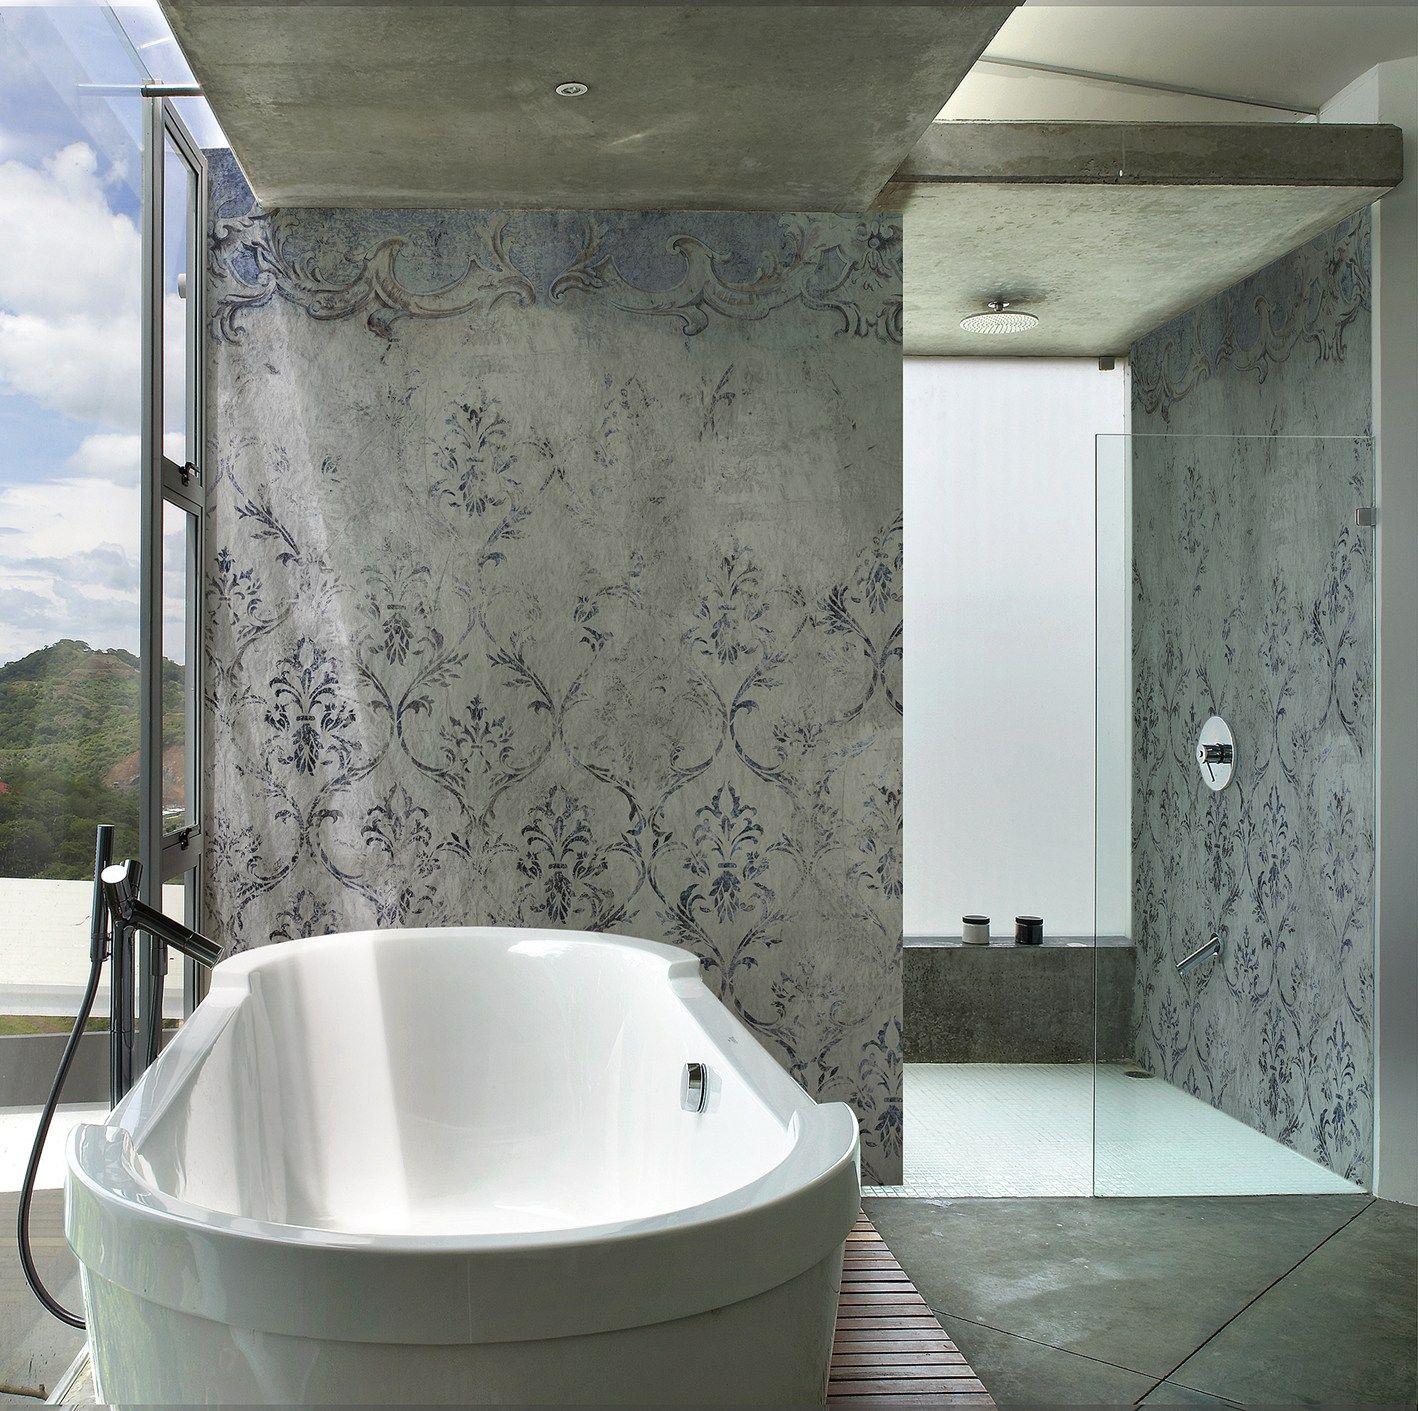 Die Fugenlose Dusche Edel Und Tres Chic Mit Bildern Fugenlose Dusche Deko Wand Dusche